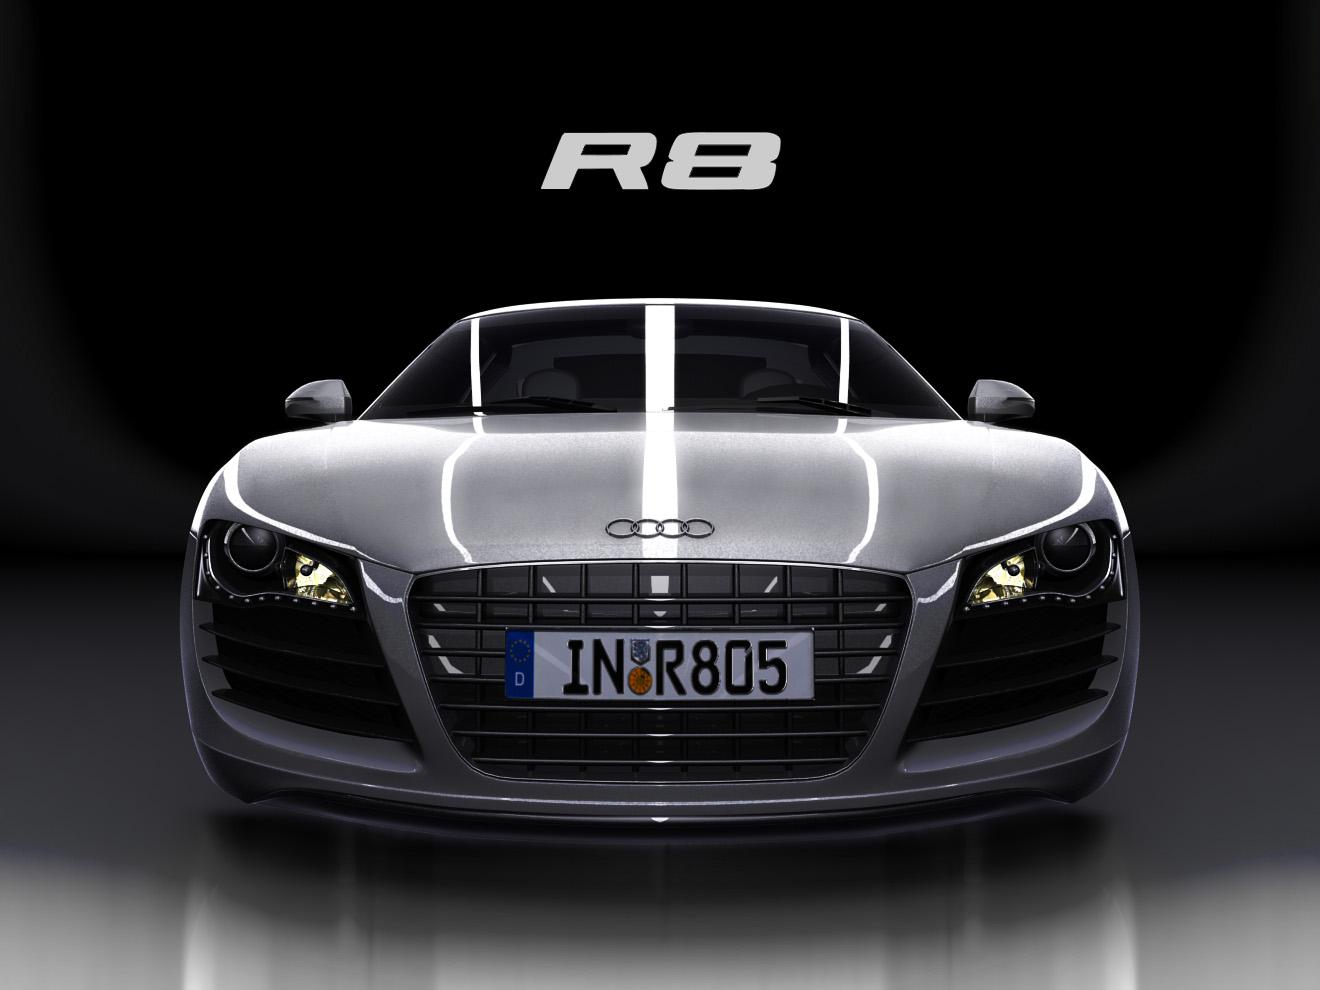 http://2.bp.blogspot.com/-XCkZUmKOa9E/UQB1mRi7BkI/AAAAAAAAD9Y/A221aIxLKQw/s1600/Audi+R8+Wallpaper+1.jpg